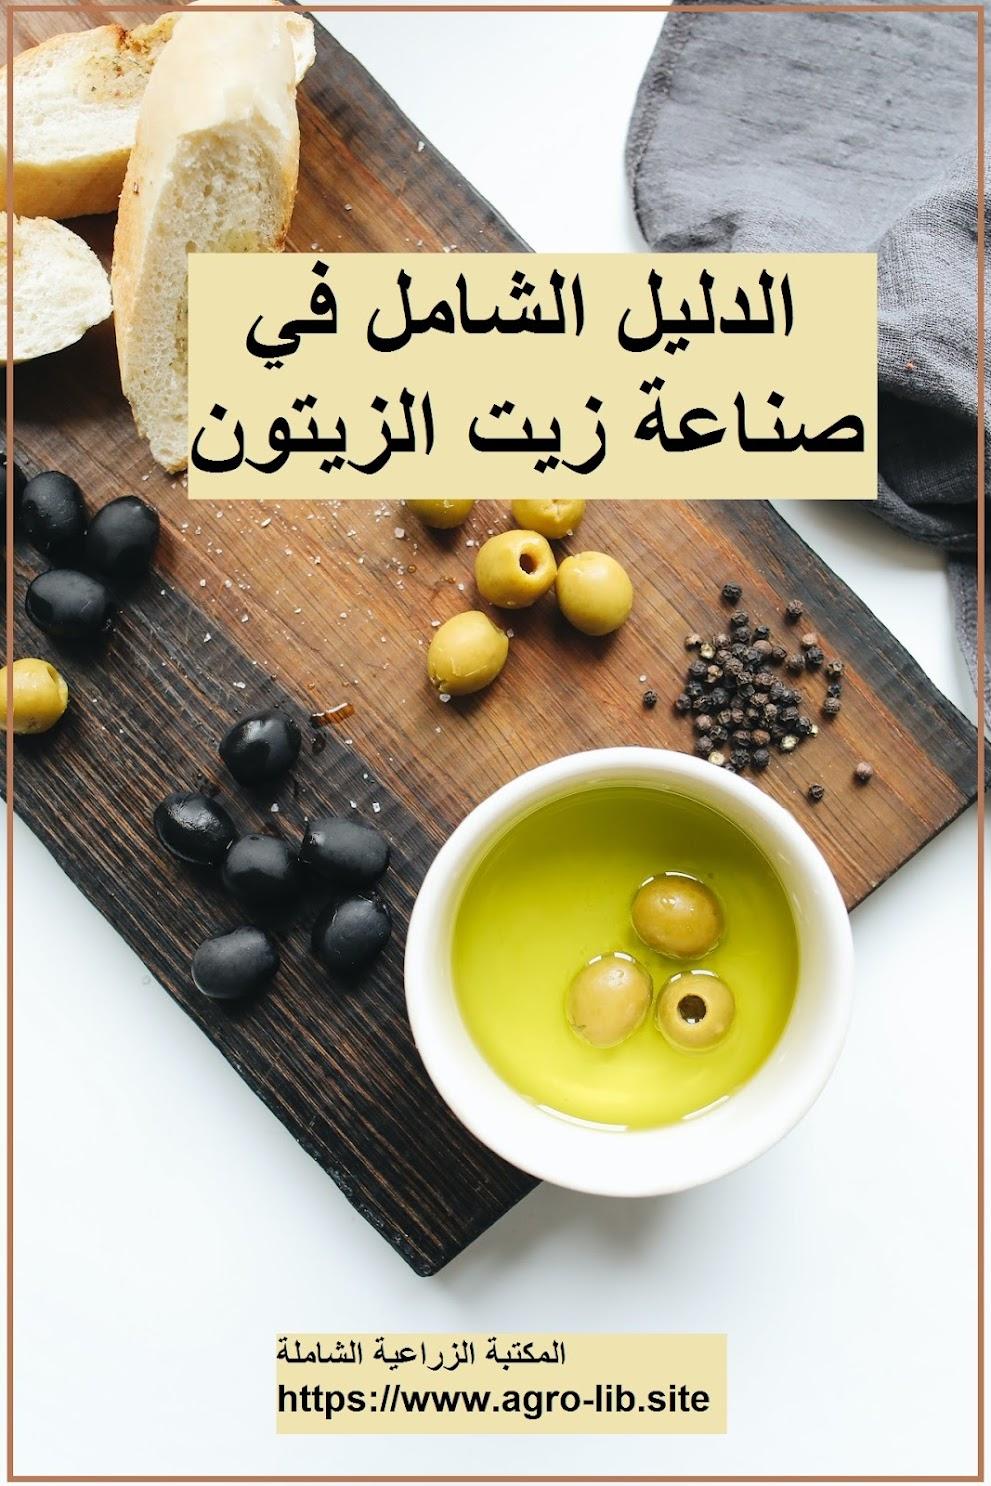 كتاب : الدليل الشامل في صناعة زيت الزيتون